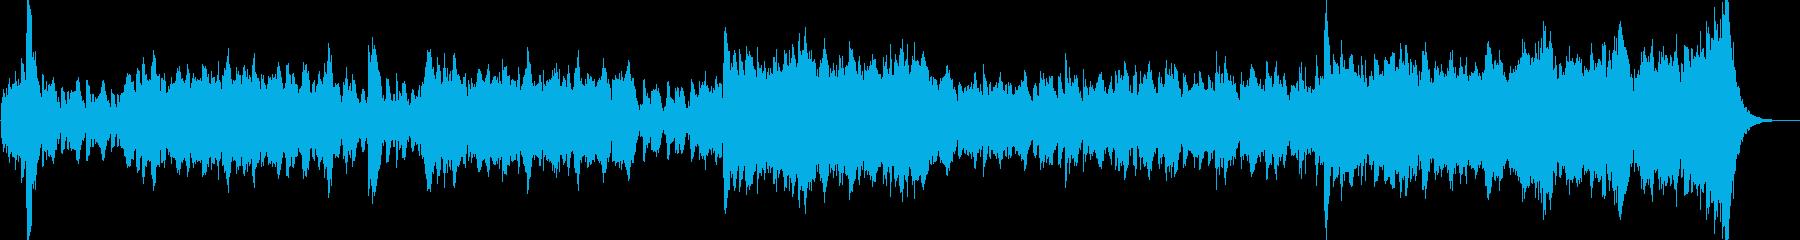 オーケストラ、アクション、ロックっ...の再生済みの波形